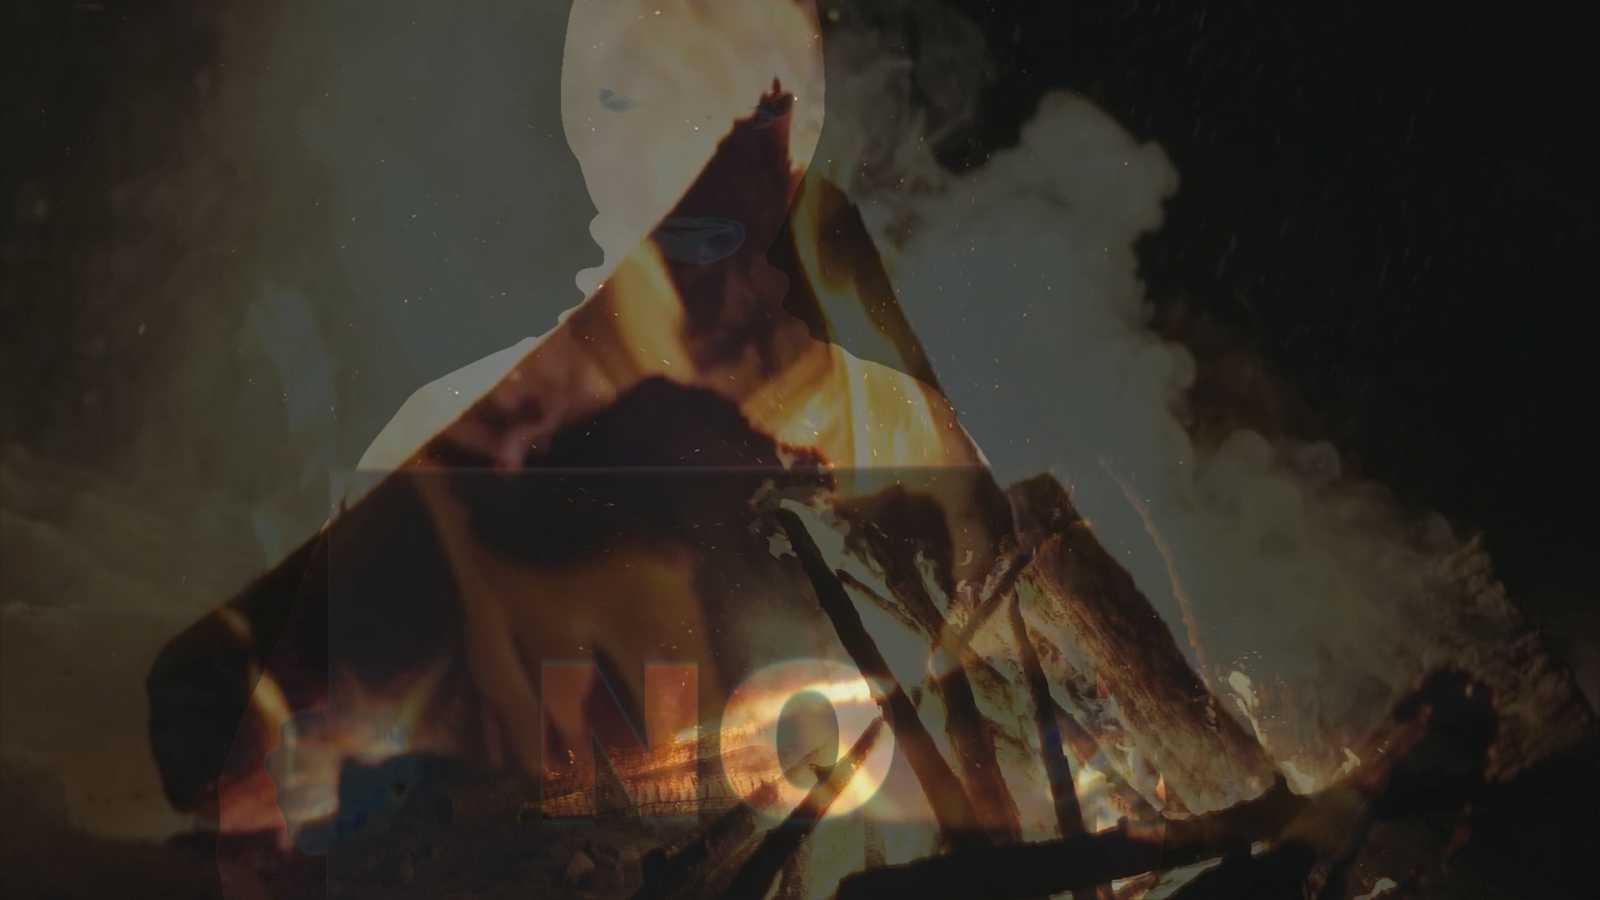 Palabra Voyeur - Canción negra. Wislawa Szymborska - Ver ahora